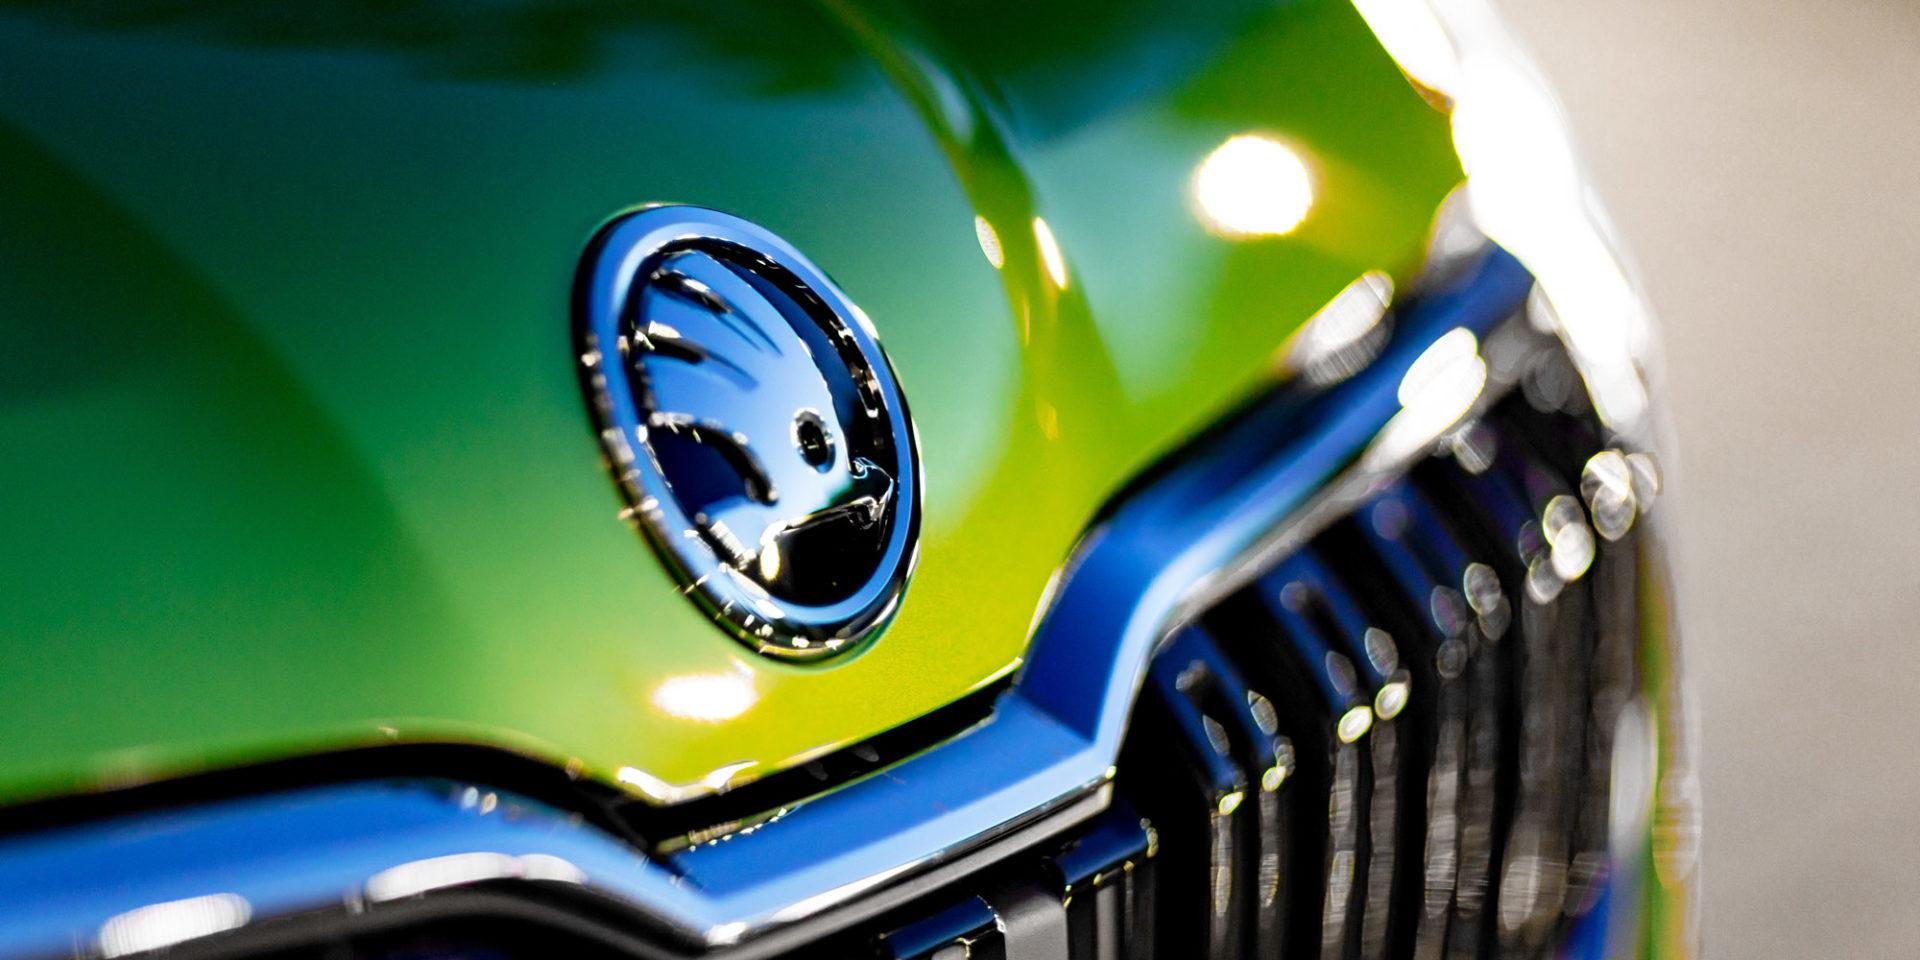 Maska samochodu Škoda Kamiq, zbliżenie na logo i grill